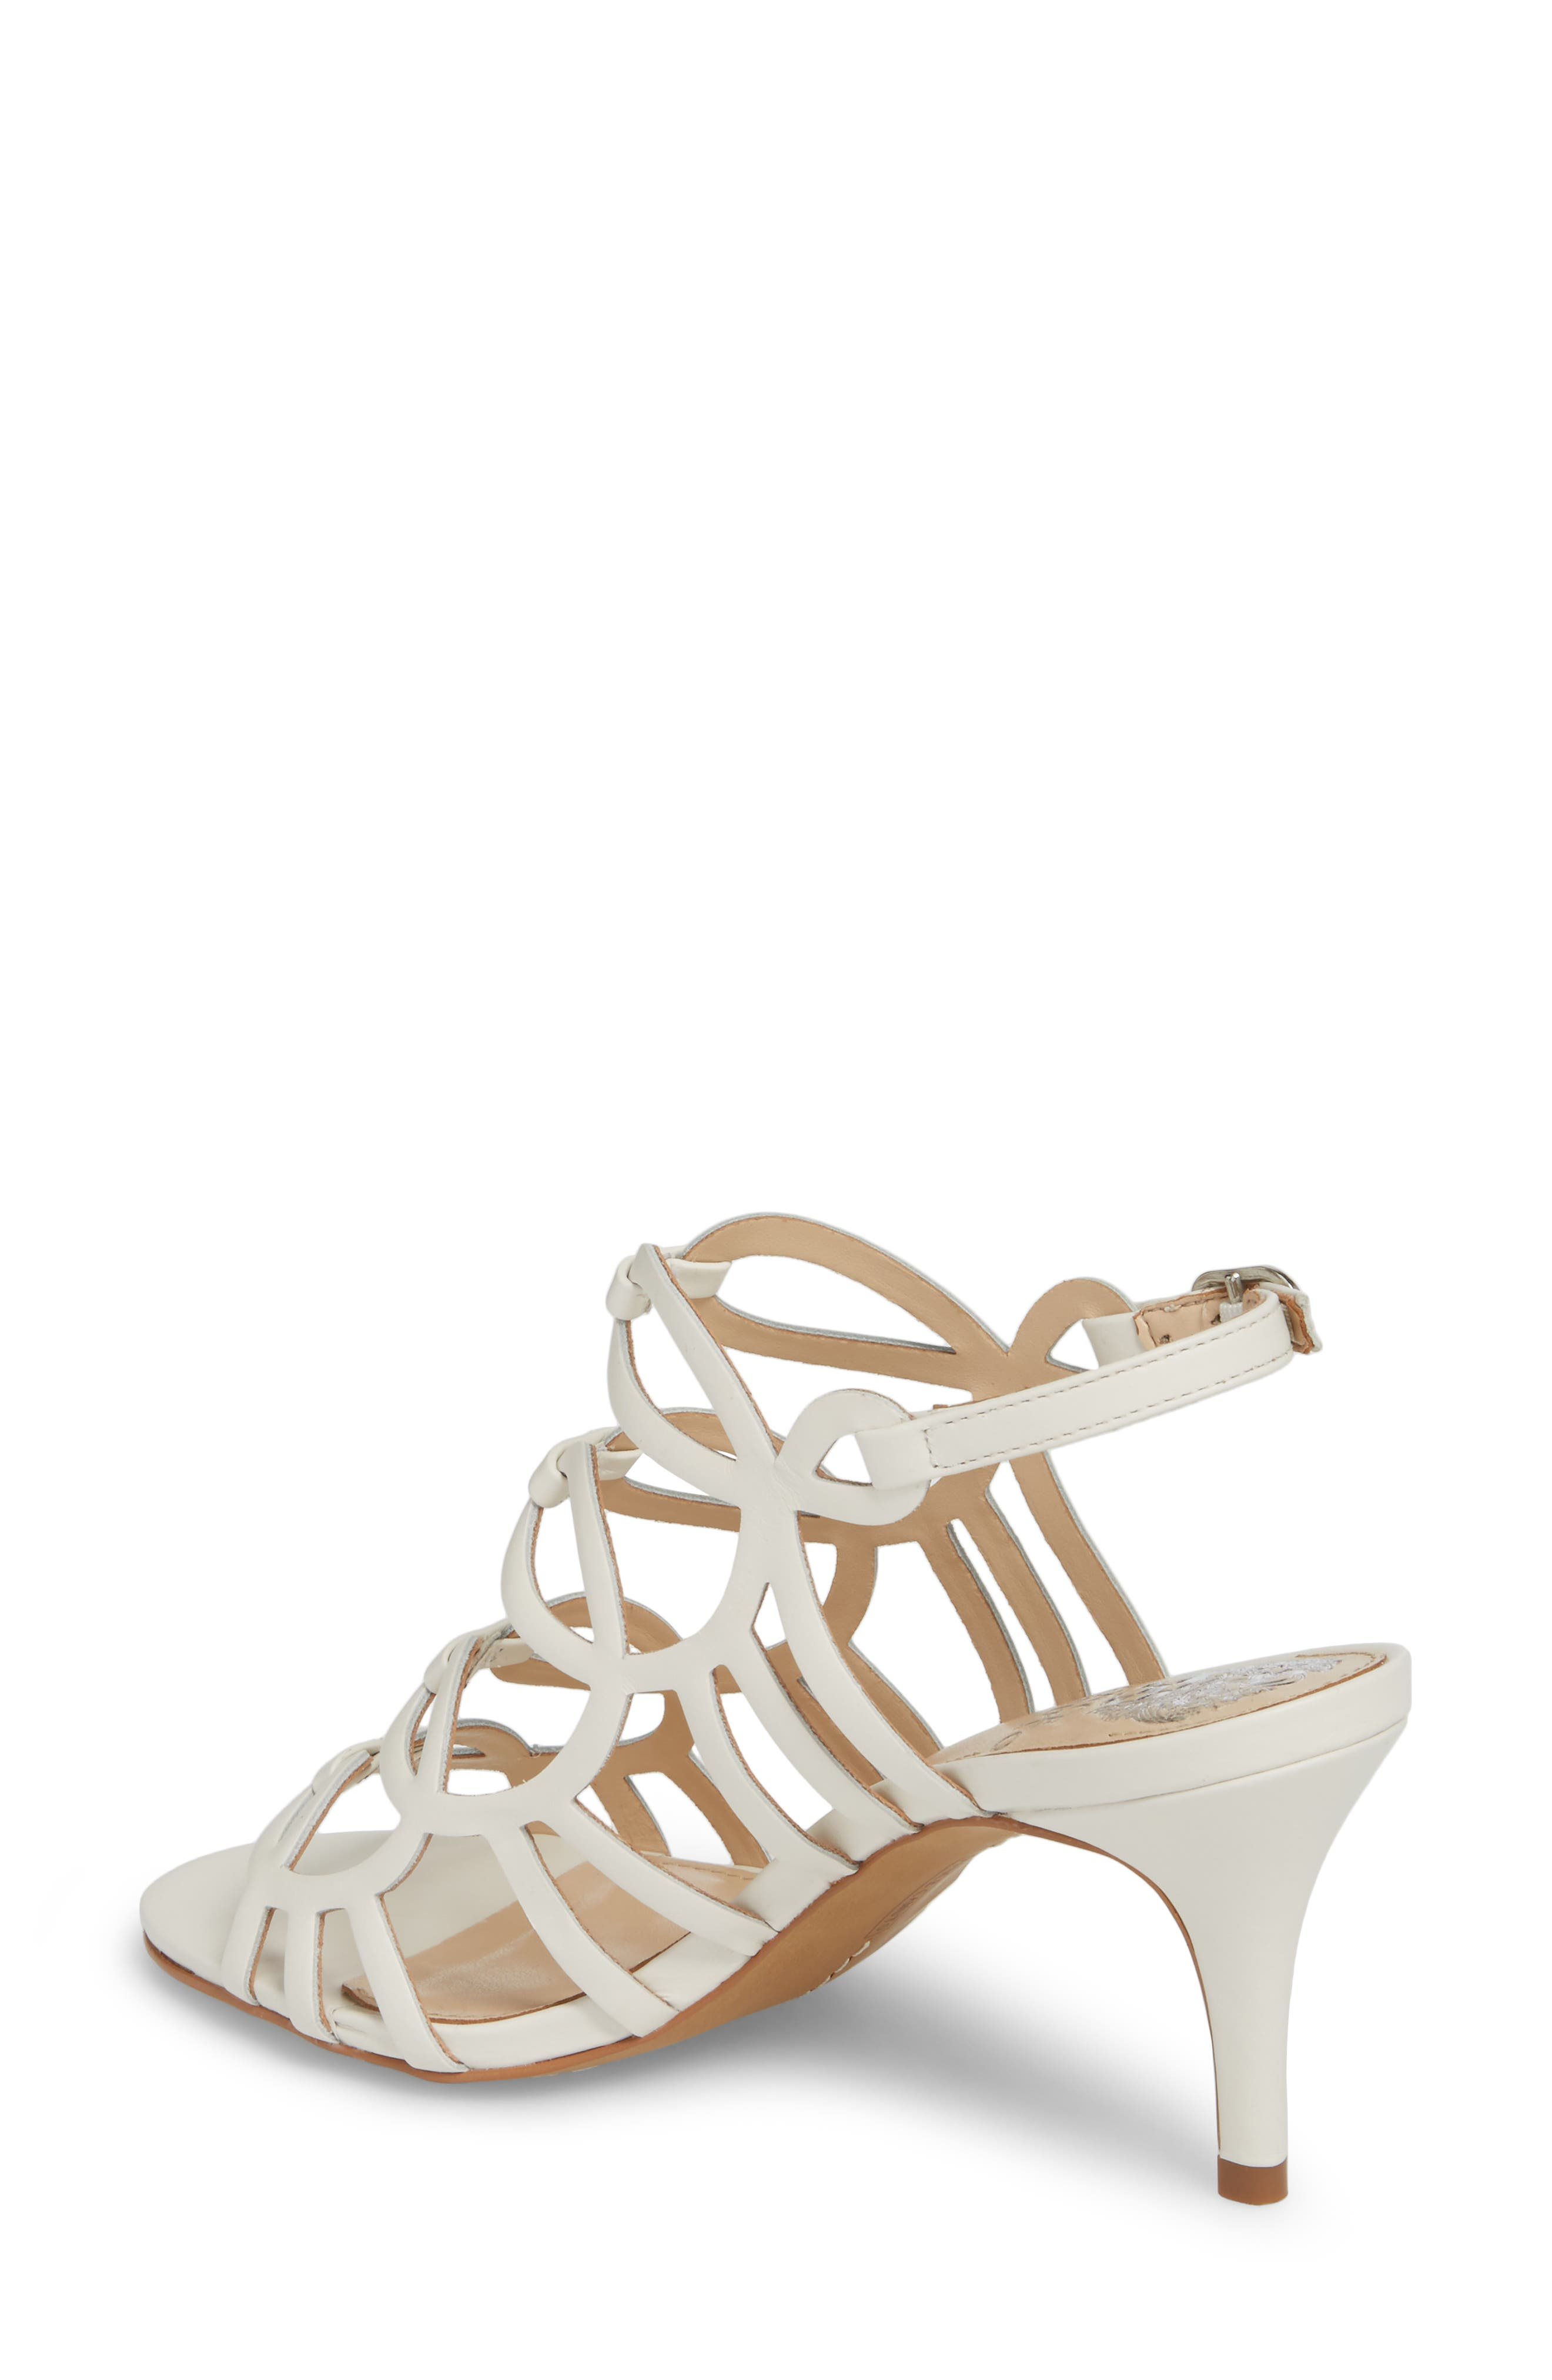 Petina Sandal,                             Alternate thumbnail 2, color,                             White Leather